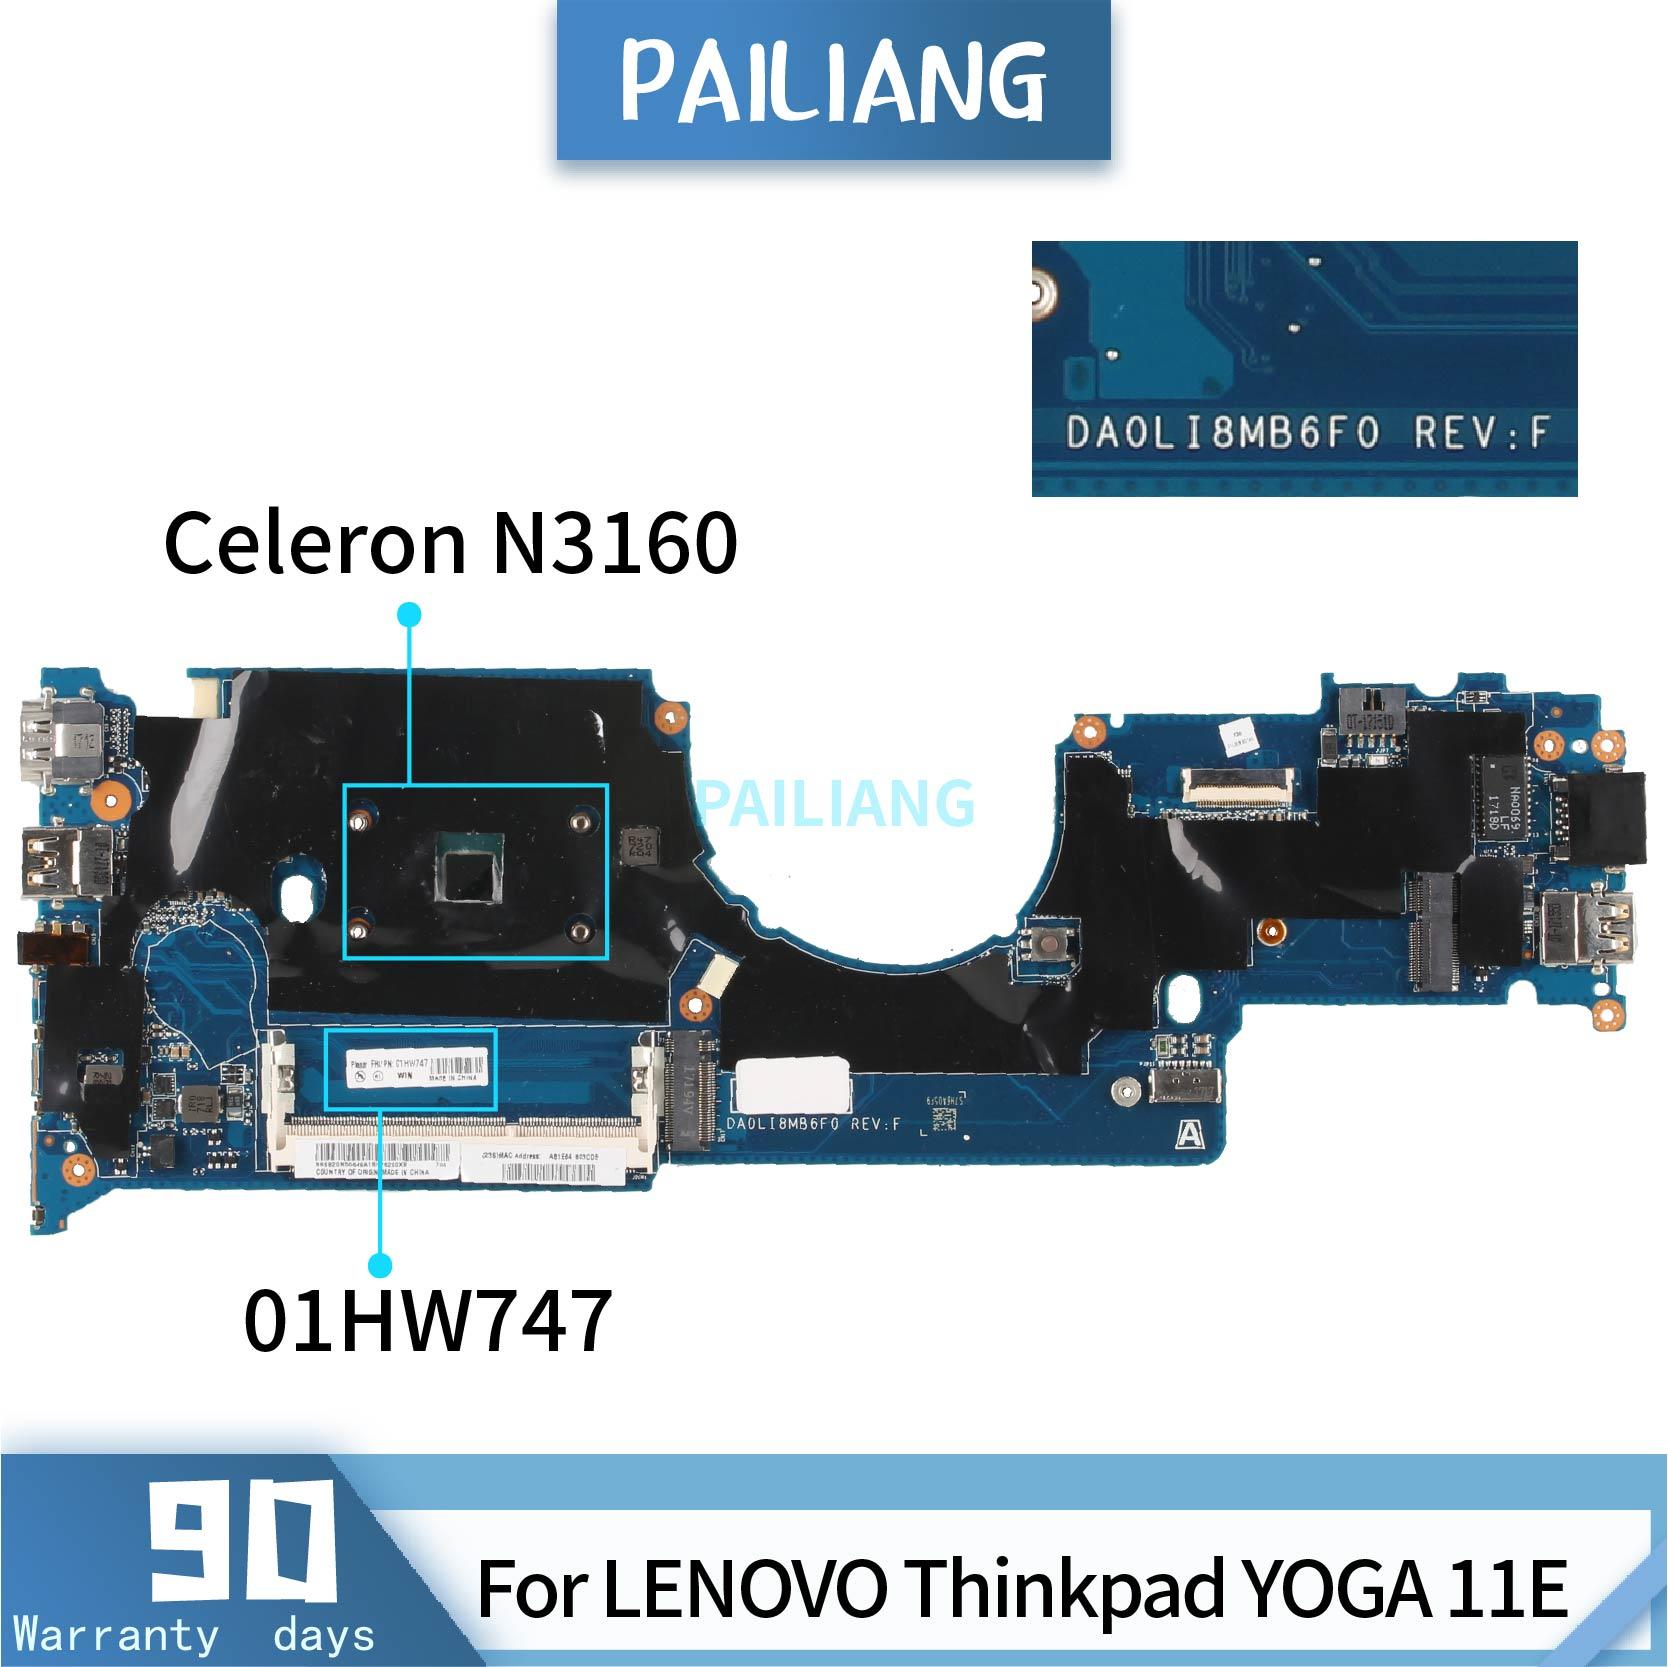 اللوحة الأم للكمبيوتر المحمول PAILIANG لأجهزة LENOVO Thinkpad YOGA, 11E 01HW747 DALI8EMB8F0 ، اللوحة الرئيسية SR2KP N3160 تم اختبارها DDR3